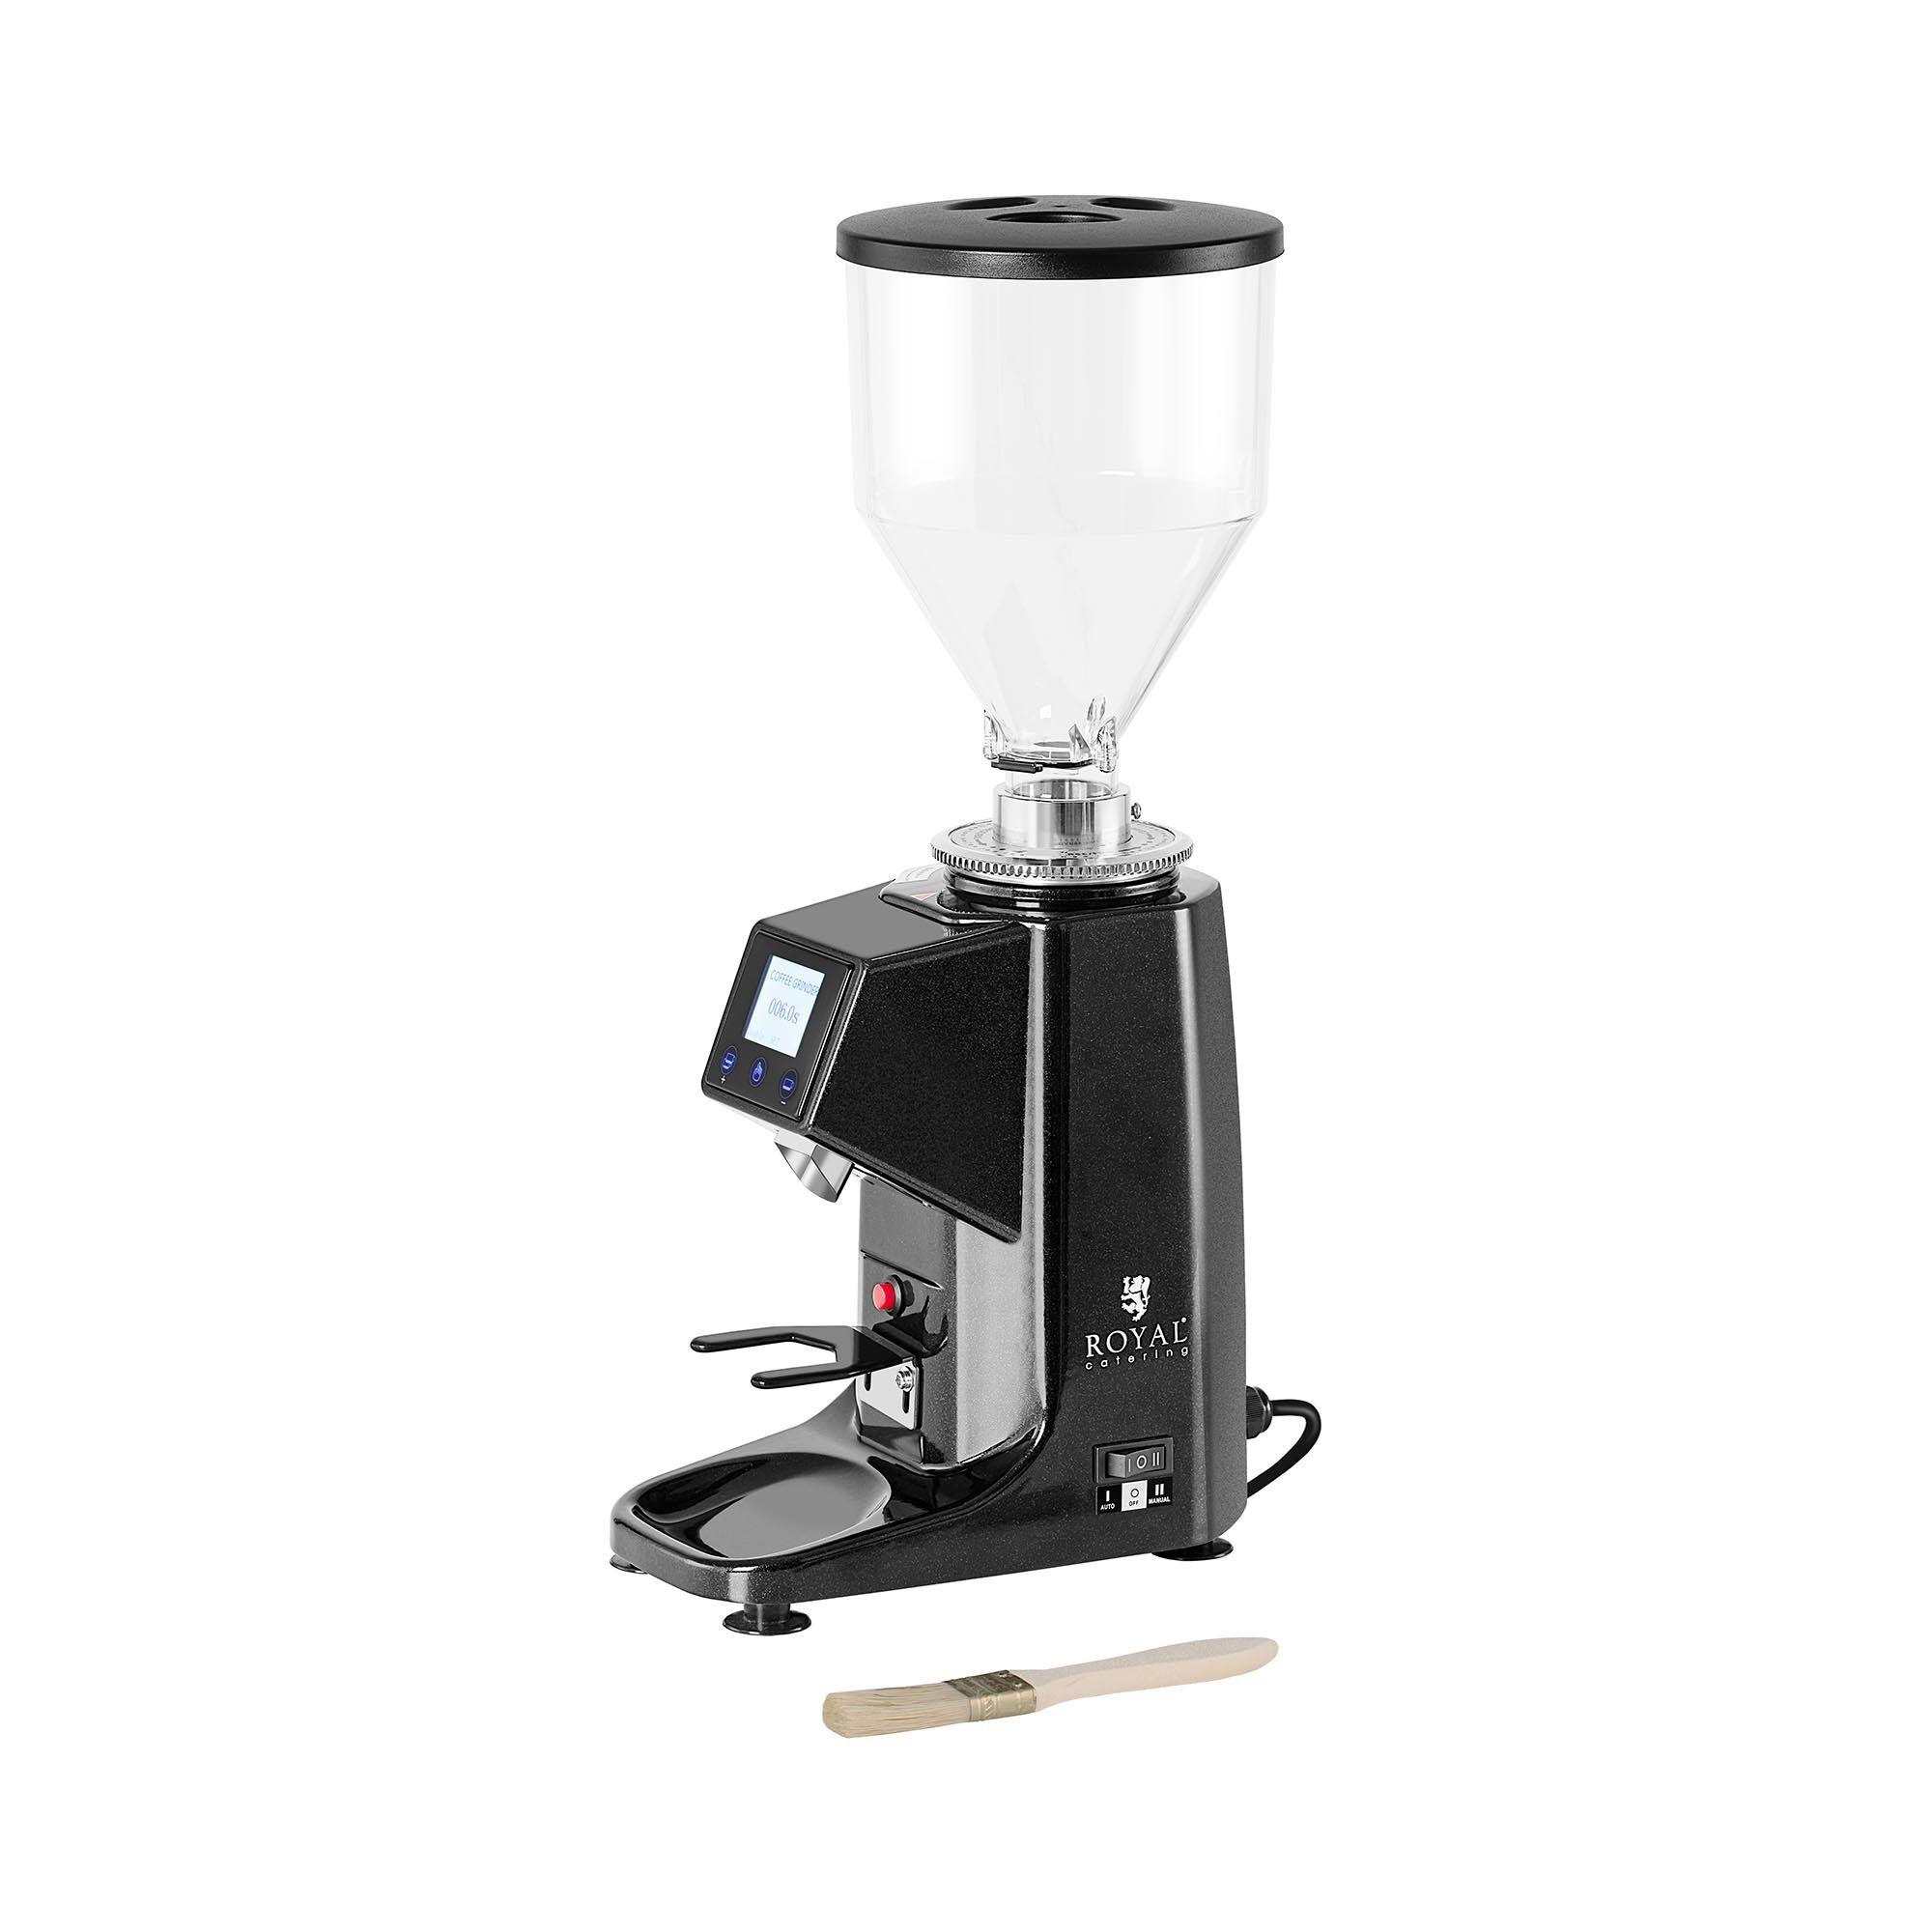 Royal Catering Moulin à café électrique - 200 W - Aluminium - Noir RC-CGE22